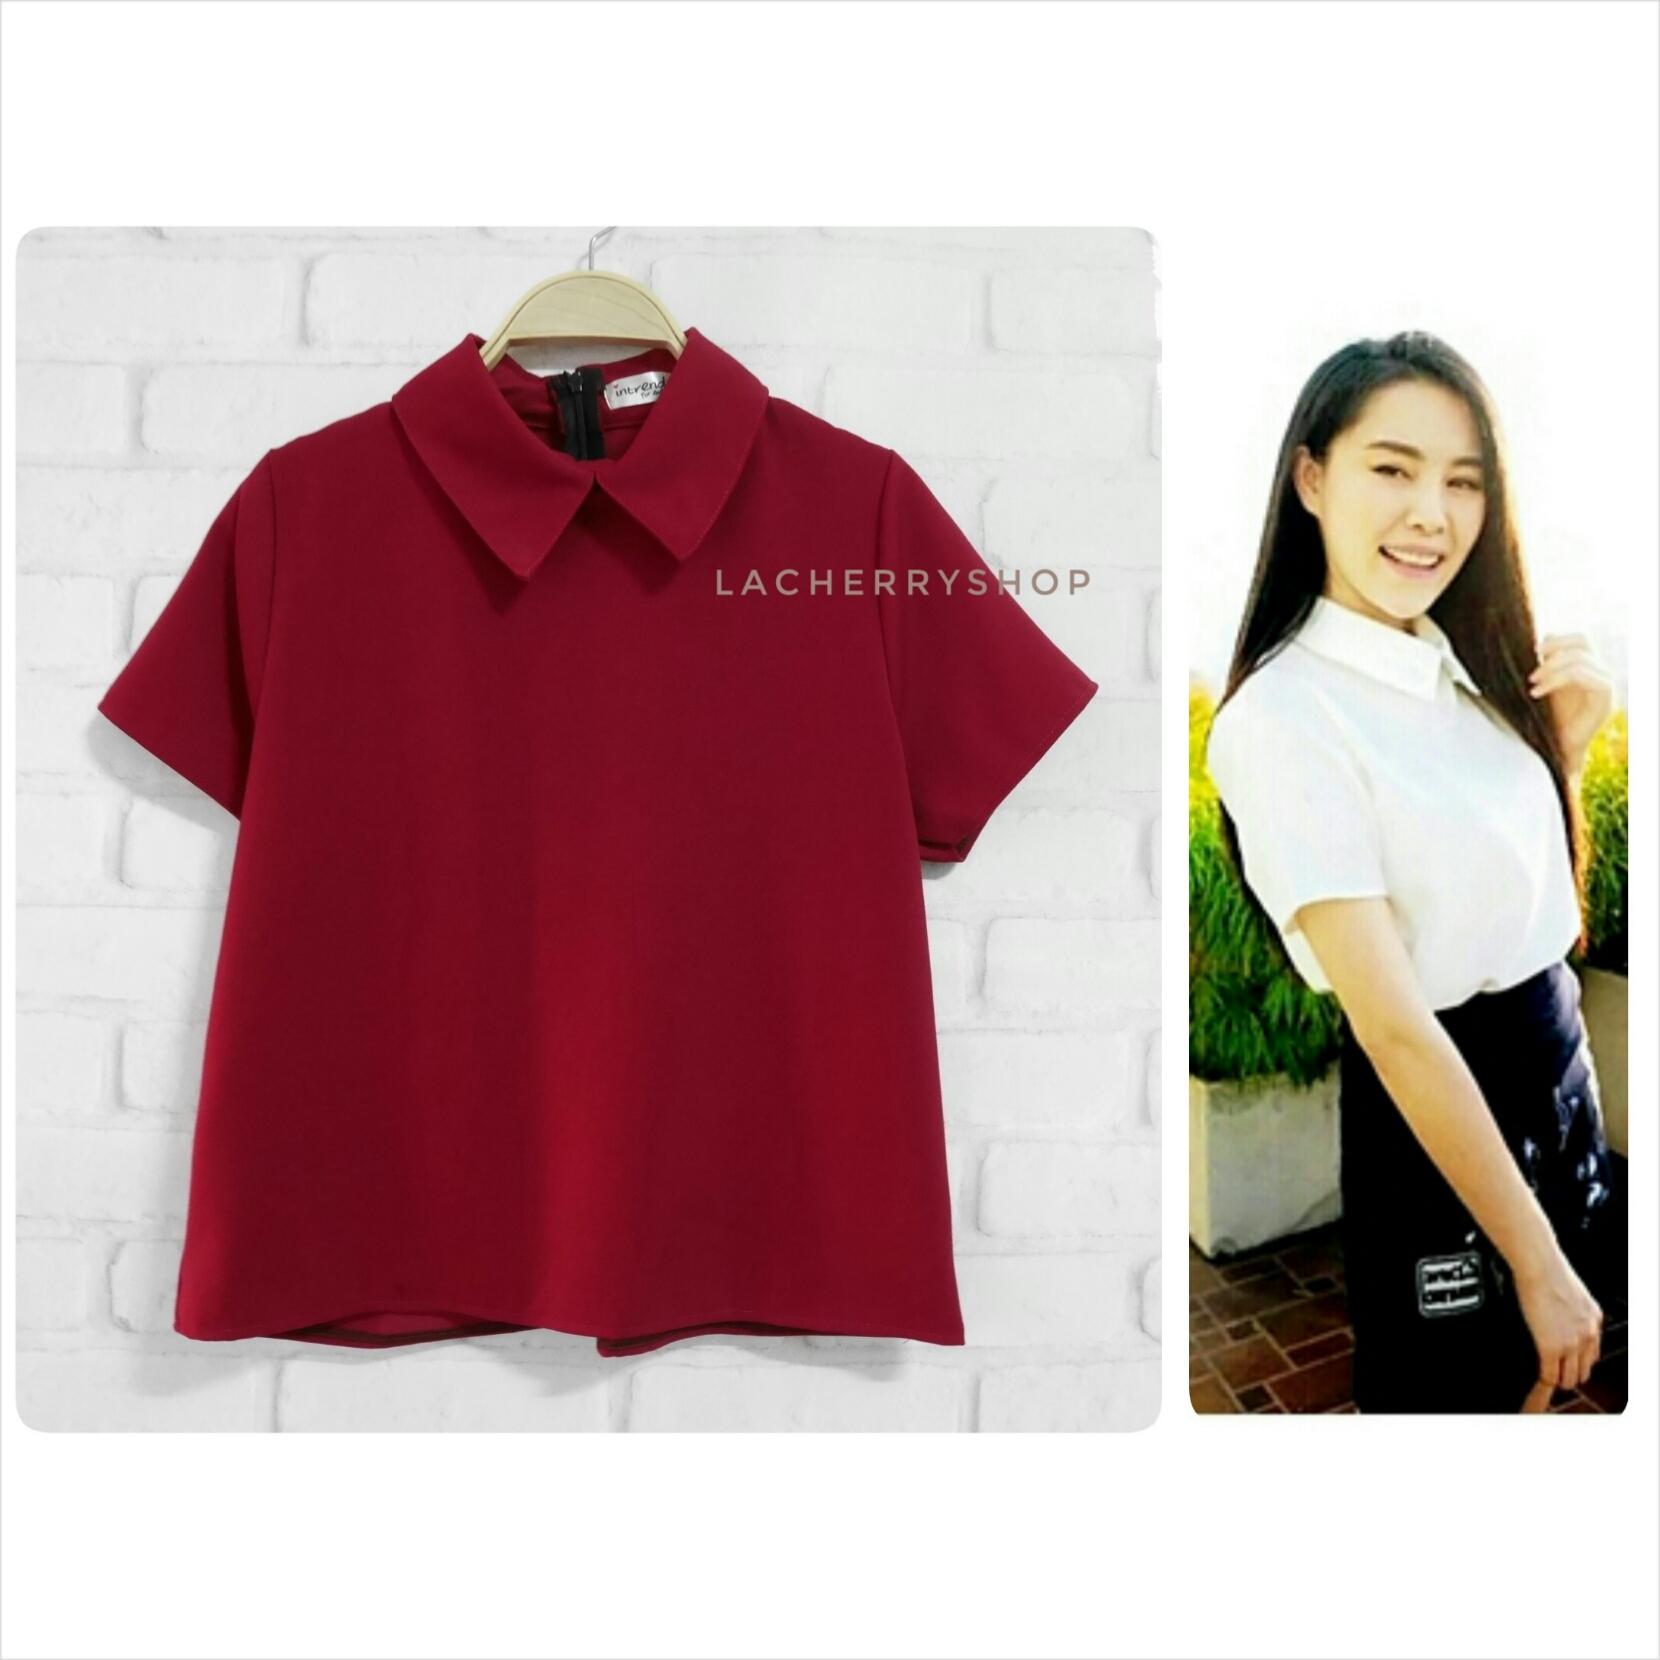 เสื้อแฟชั่นผ้าฮานาโกะ (สีแดง) รุ่นปกแหลม แบบสวยเก๋ สีพื้น แมทง่าย ใส่สบาย ไม่มีเอ้าท์